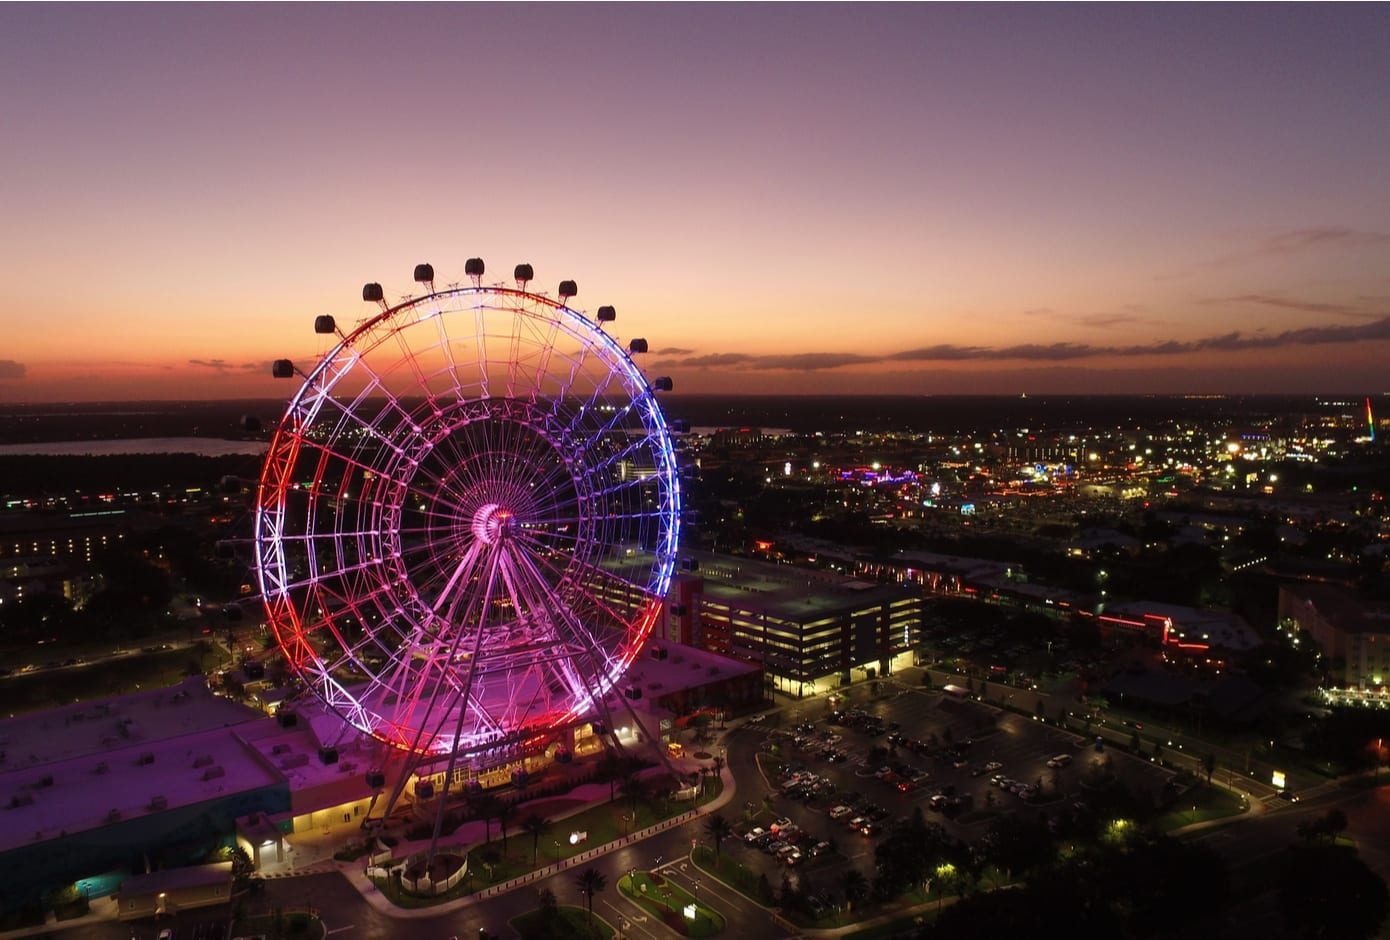 The Orlando Eye Wheel at ICON Park.